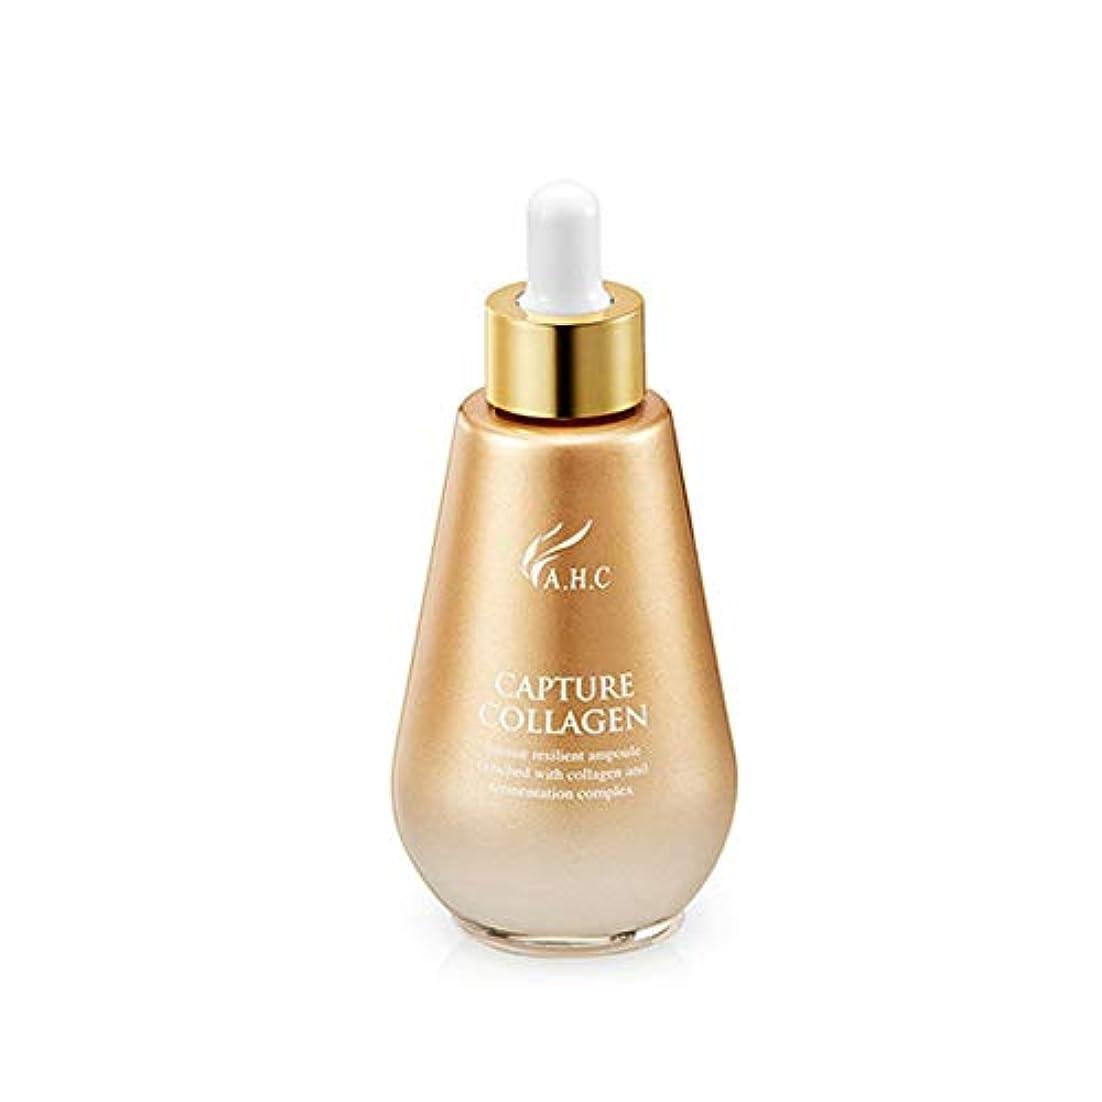 友だちフェードはげAHCバイタルゴールデンコラーゲンスキンケアセットトナーローションクリームアイクリームアンプル、AHC Vital Golden Collagen Skincare Set Toner Lotion Cream Eye...